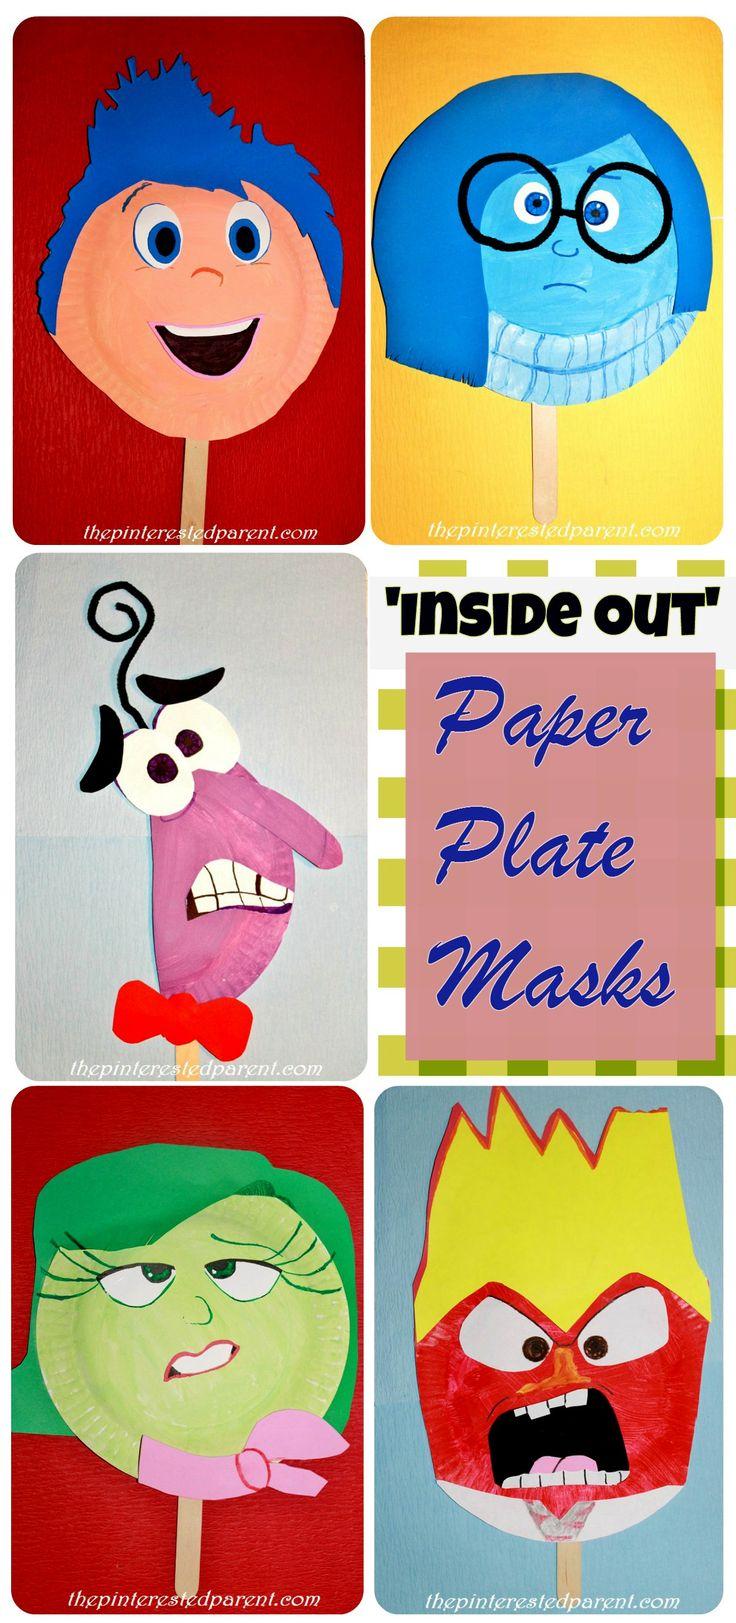 Disney Pixar Inside Out Inspired Paper Plate Masks Crafts